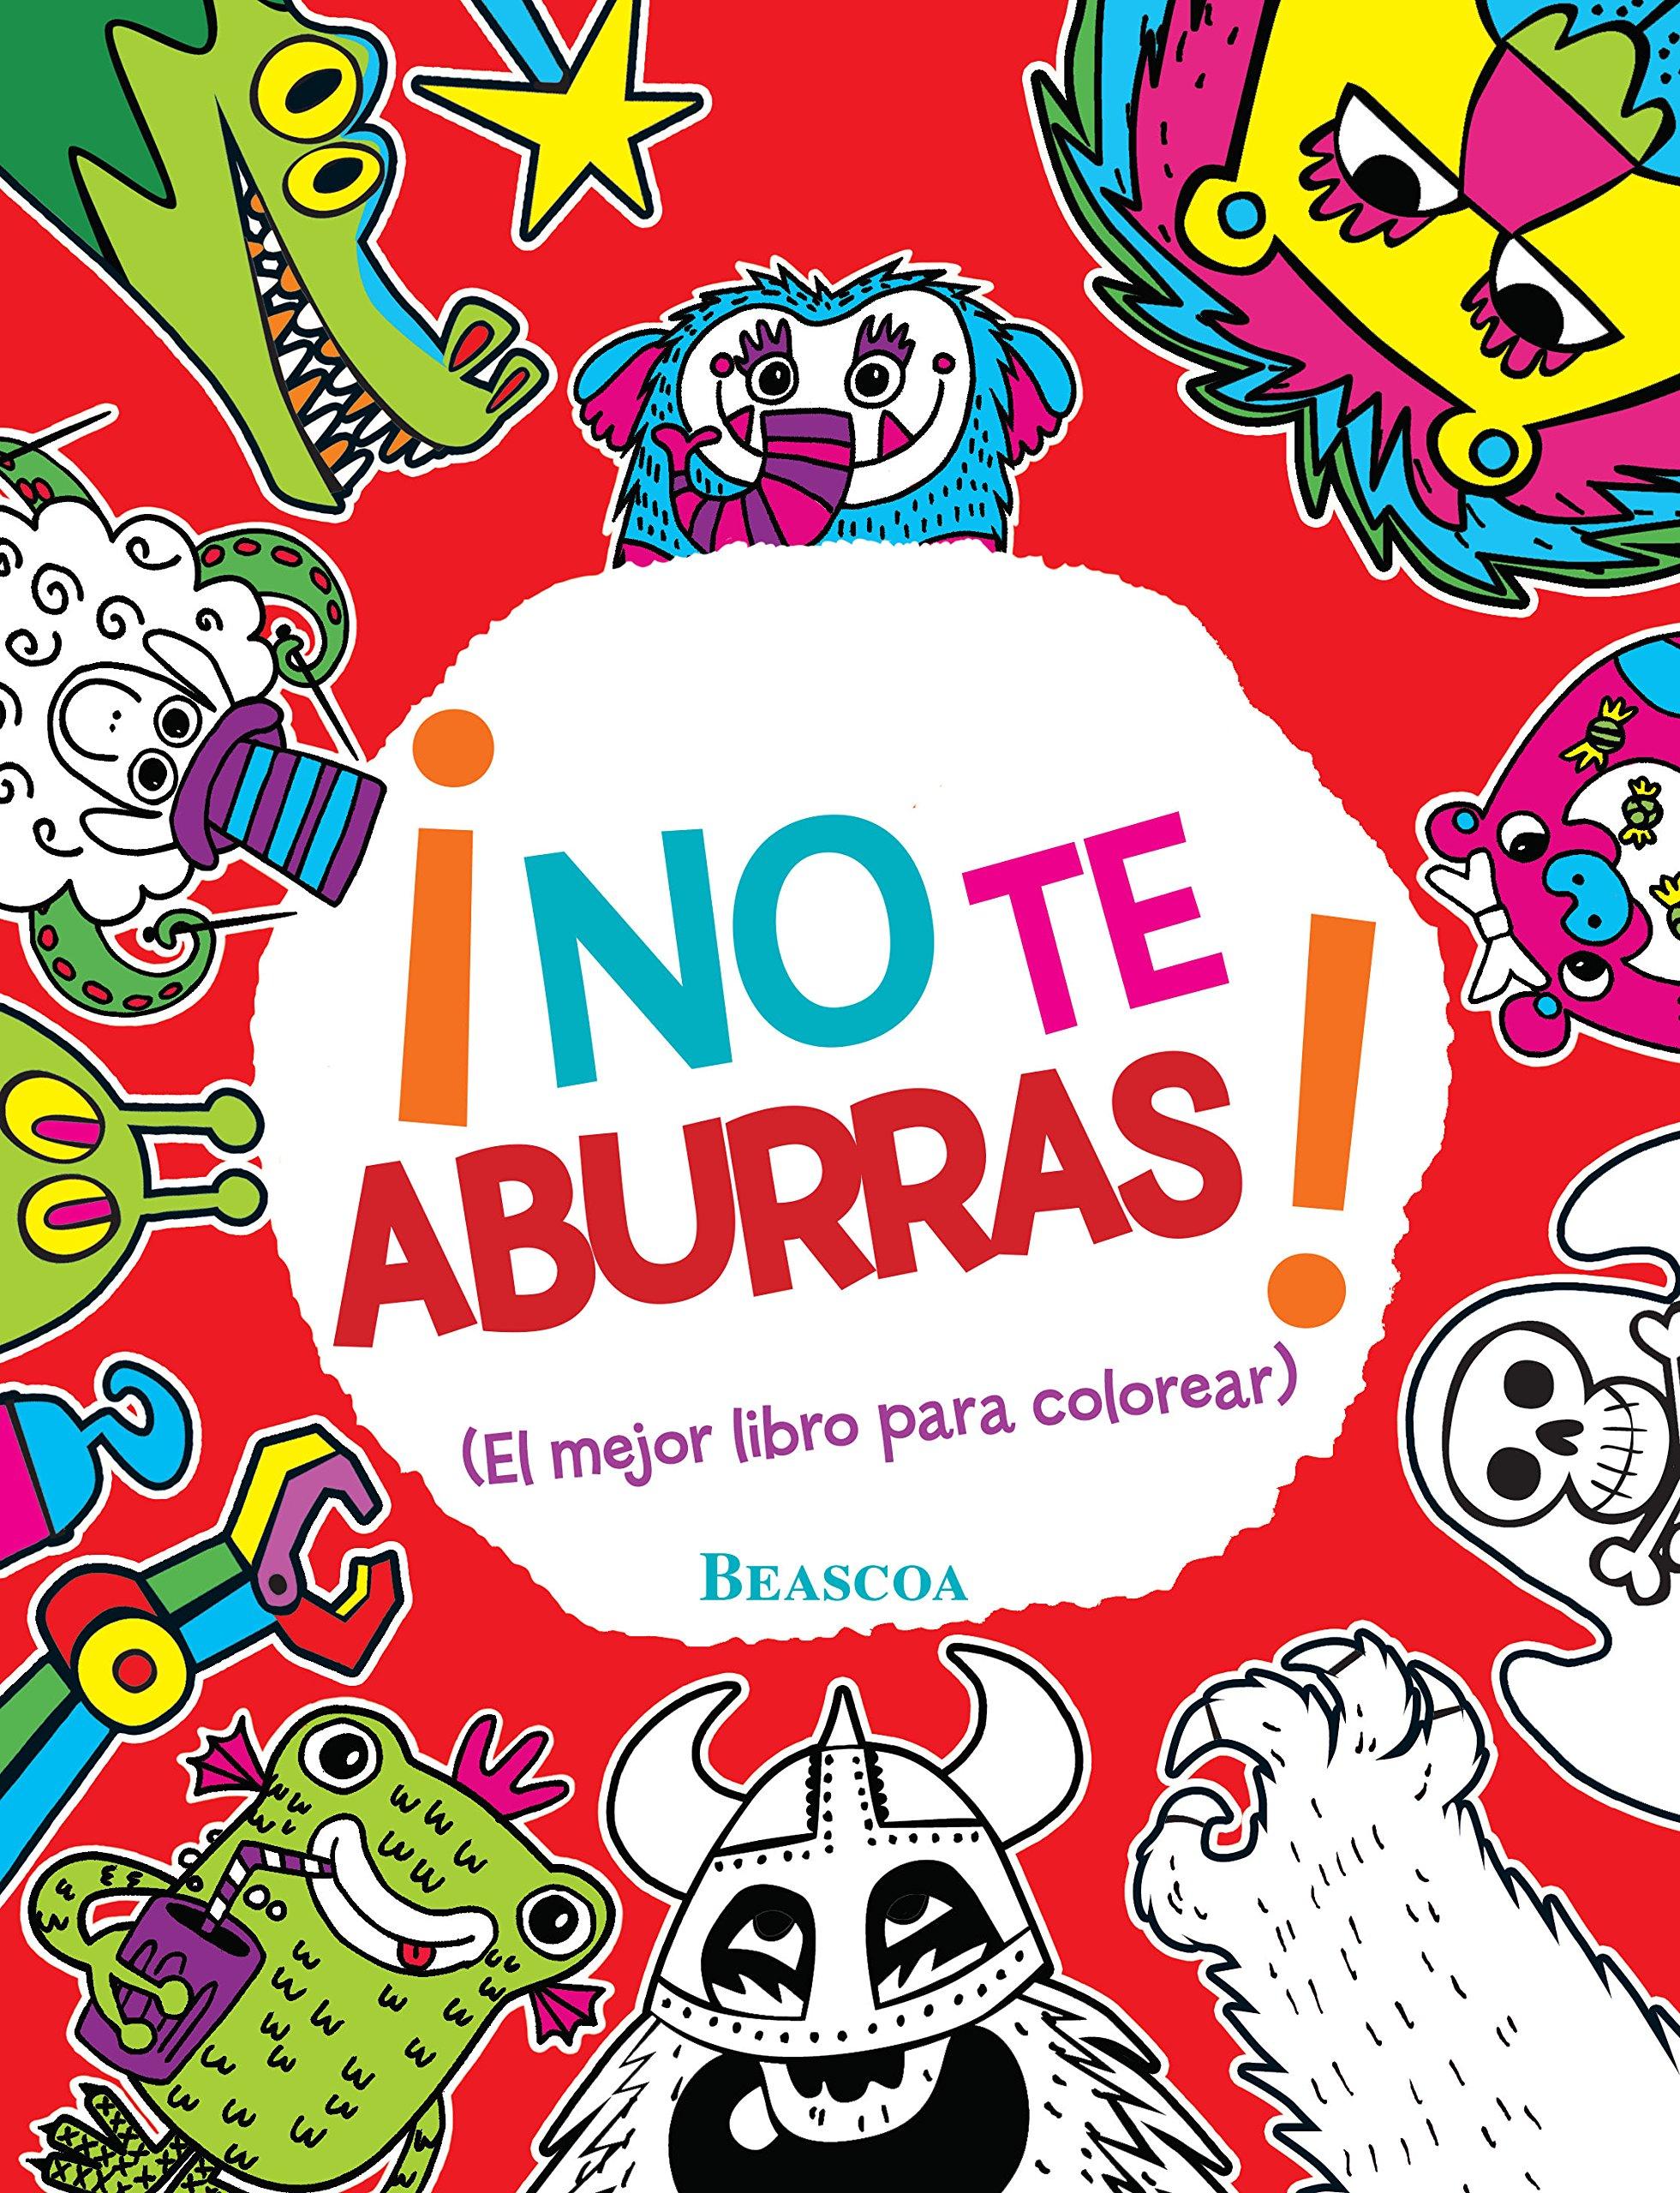 Crayola Inspiration Art Case-Pink: Crayola: Amazon.com.mx: Juegos y ...